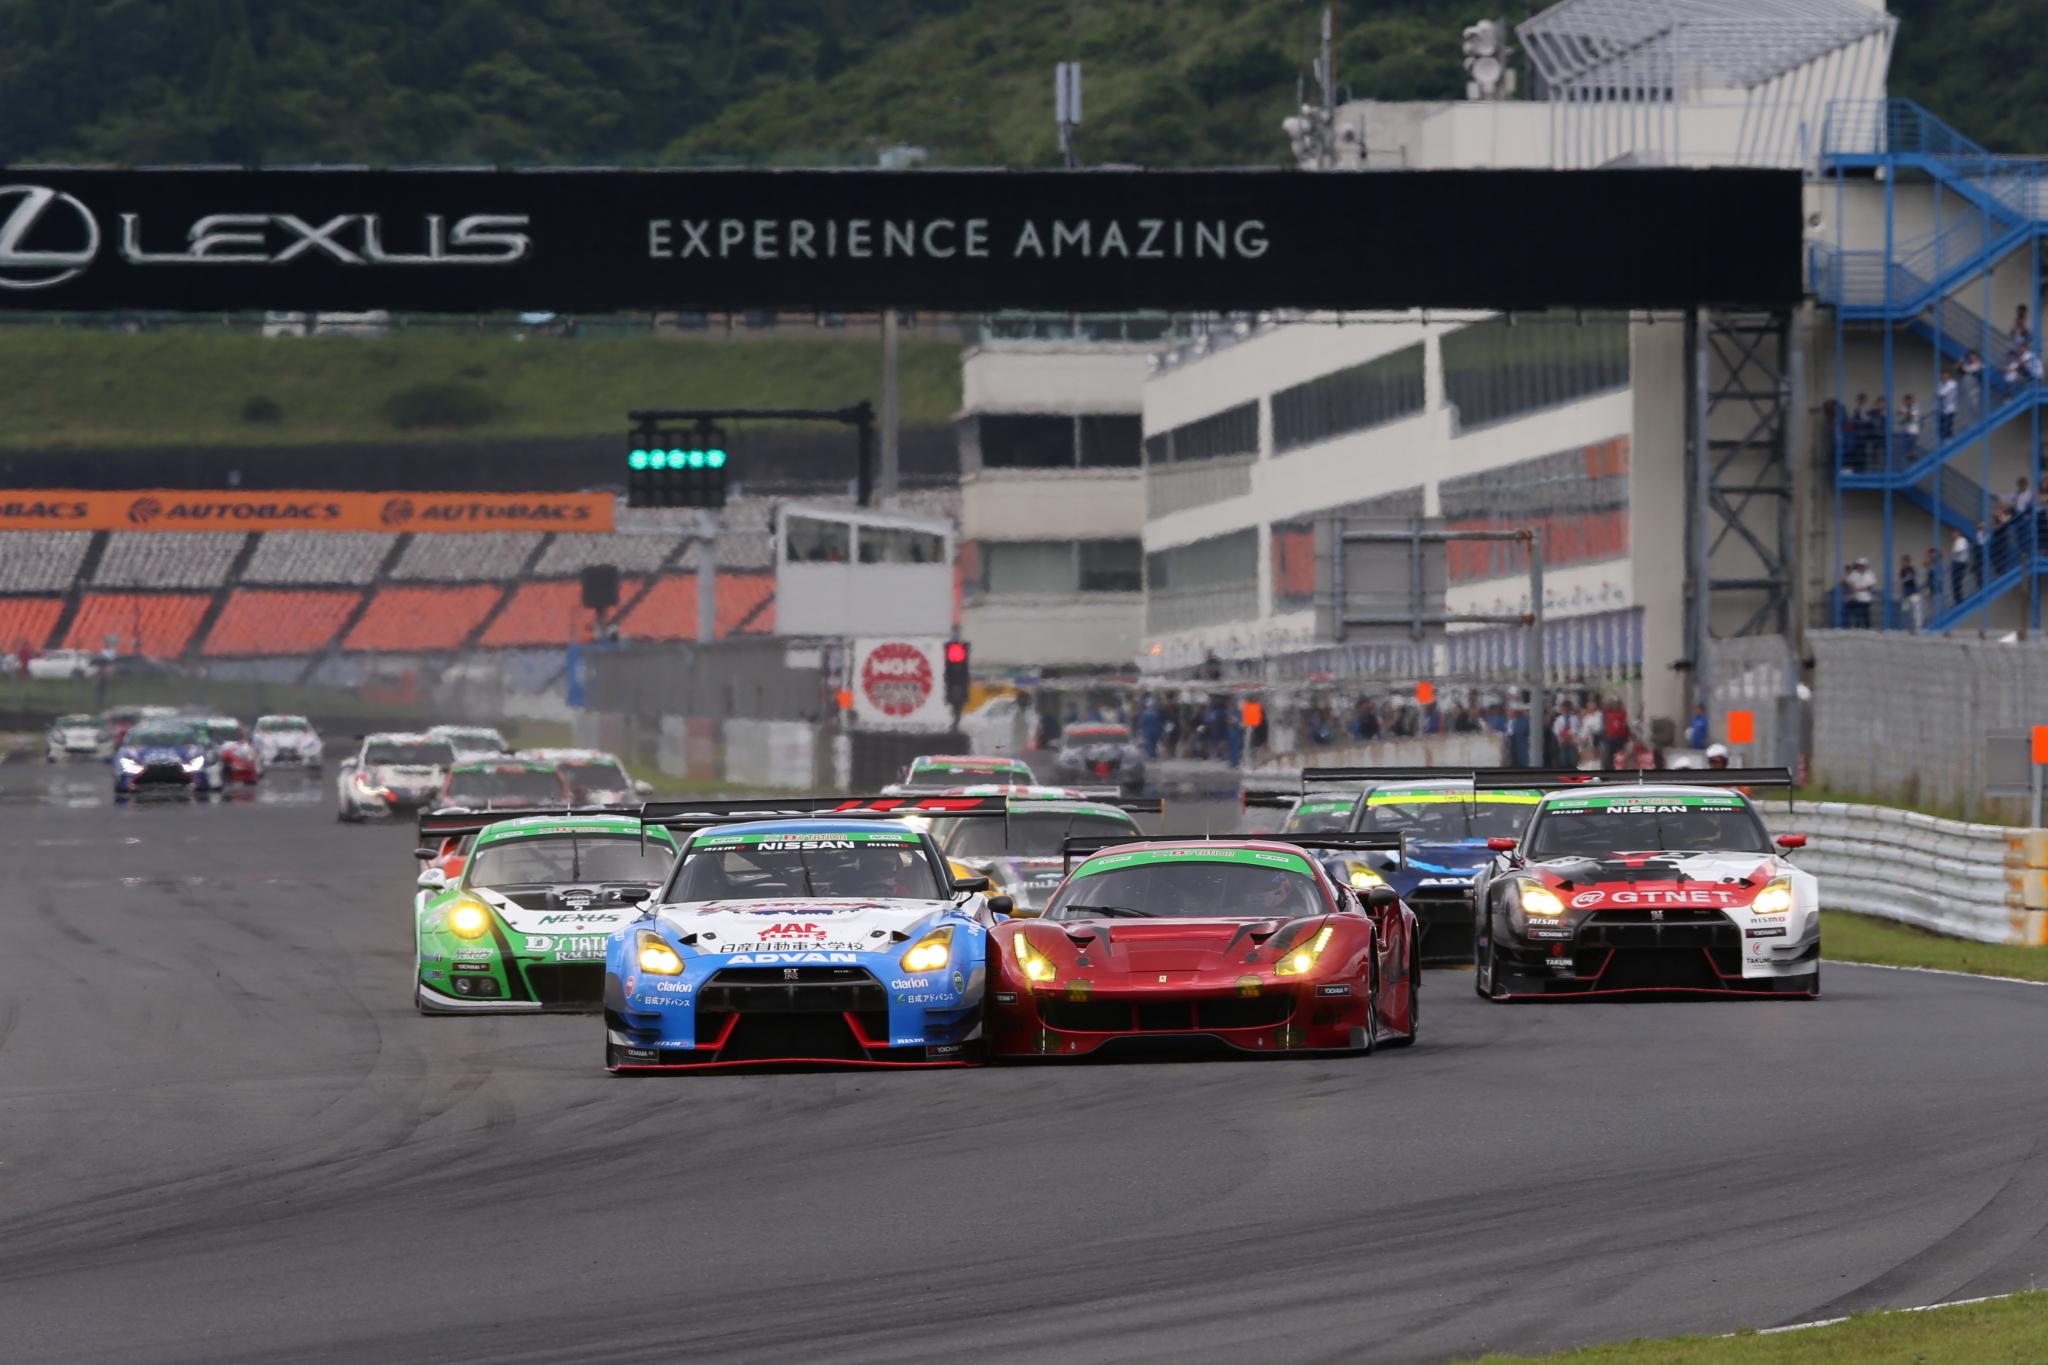 トップカテゴリーのST-X。チャンピオンシップを競う日産GT-R勢とフェラーリ 488 GT3 の戦いも熾烈だ